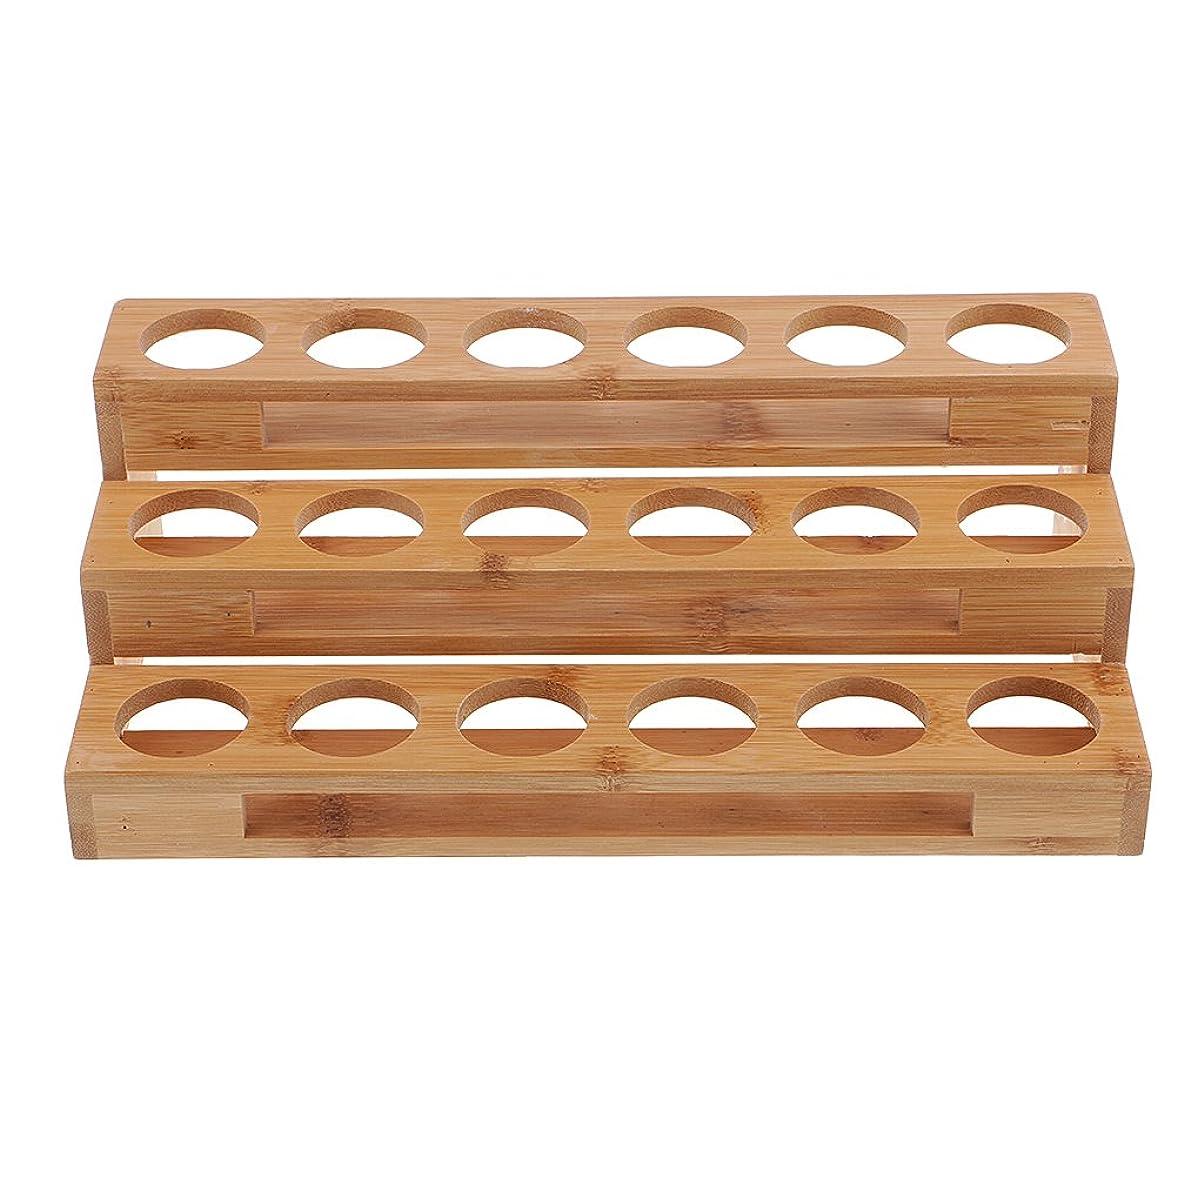 ベッドを作るやめる指導するHellery エッセンシャルオイル 精油収納 展示スタンド 展示ラック ディスプレイラック 木製 18ホール